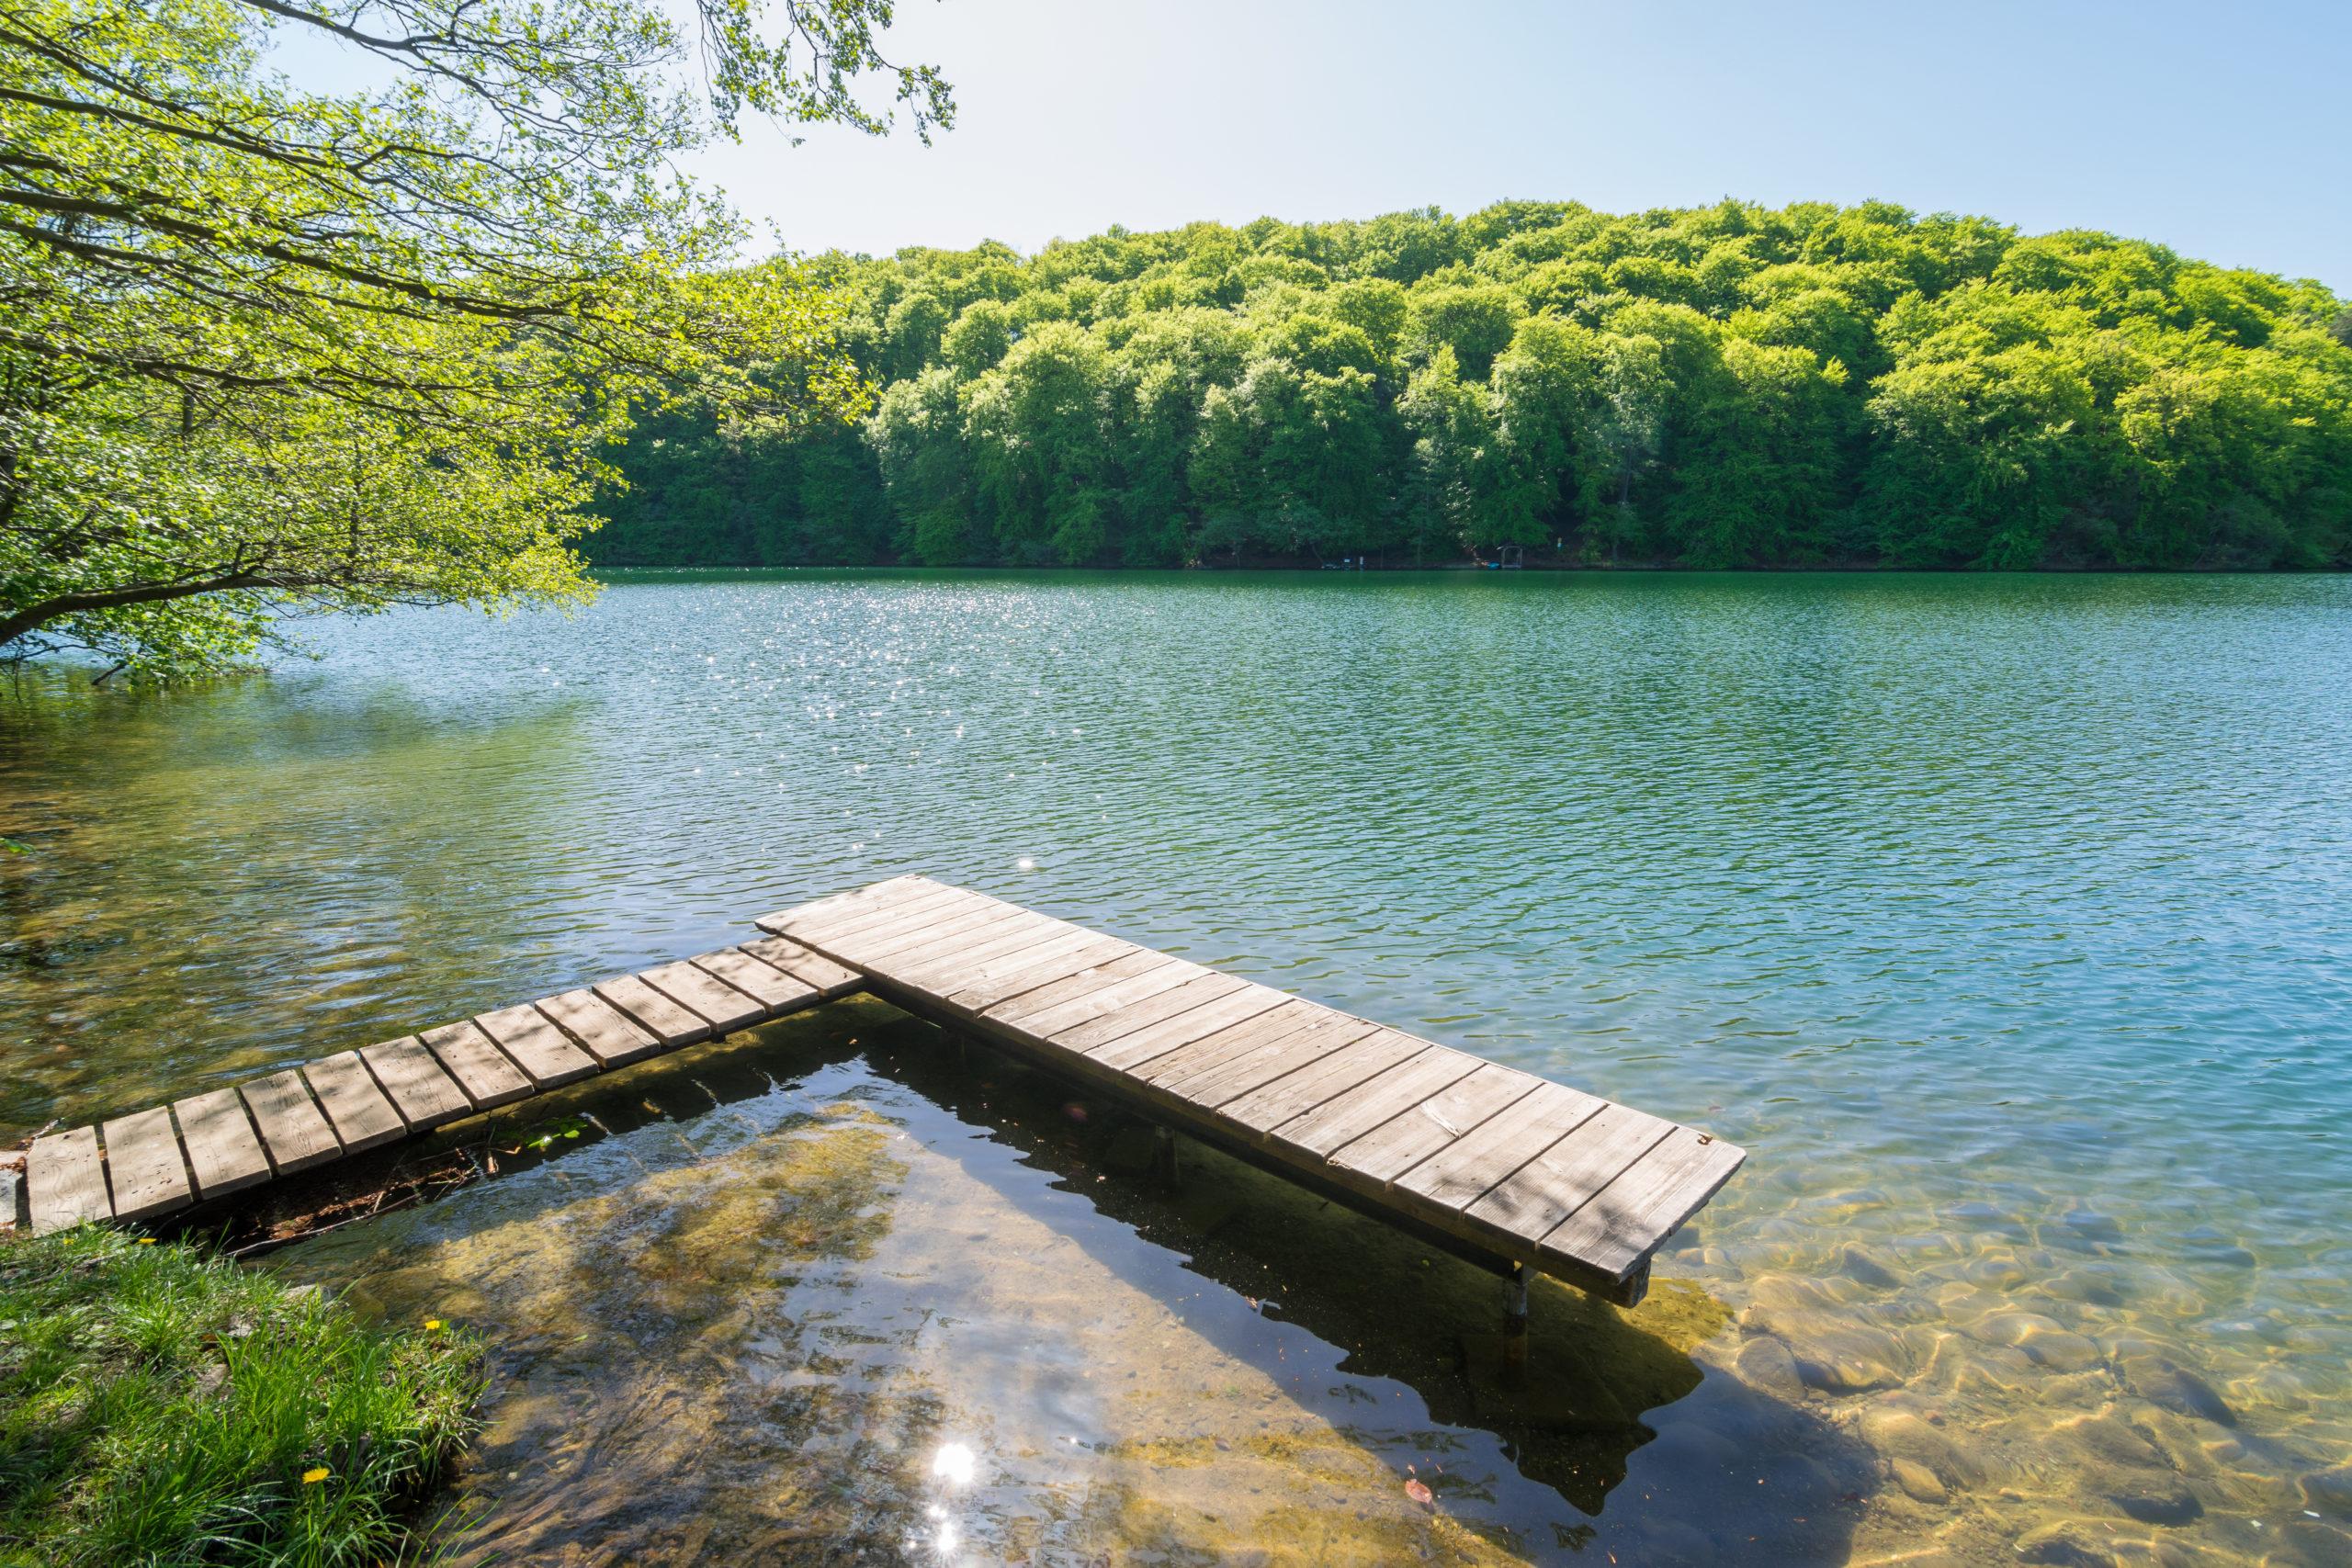 Sommerurlaub Ostdeutschland: Steg am See in Feldberg - Mecklenburg Vorpommern